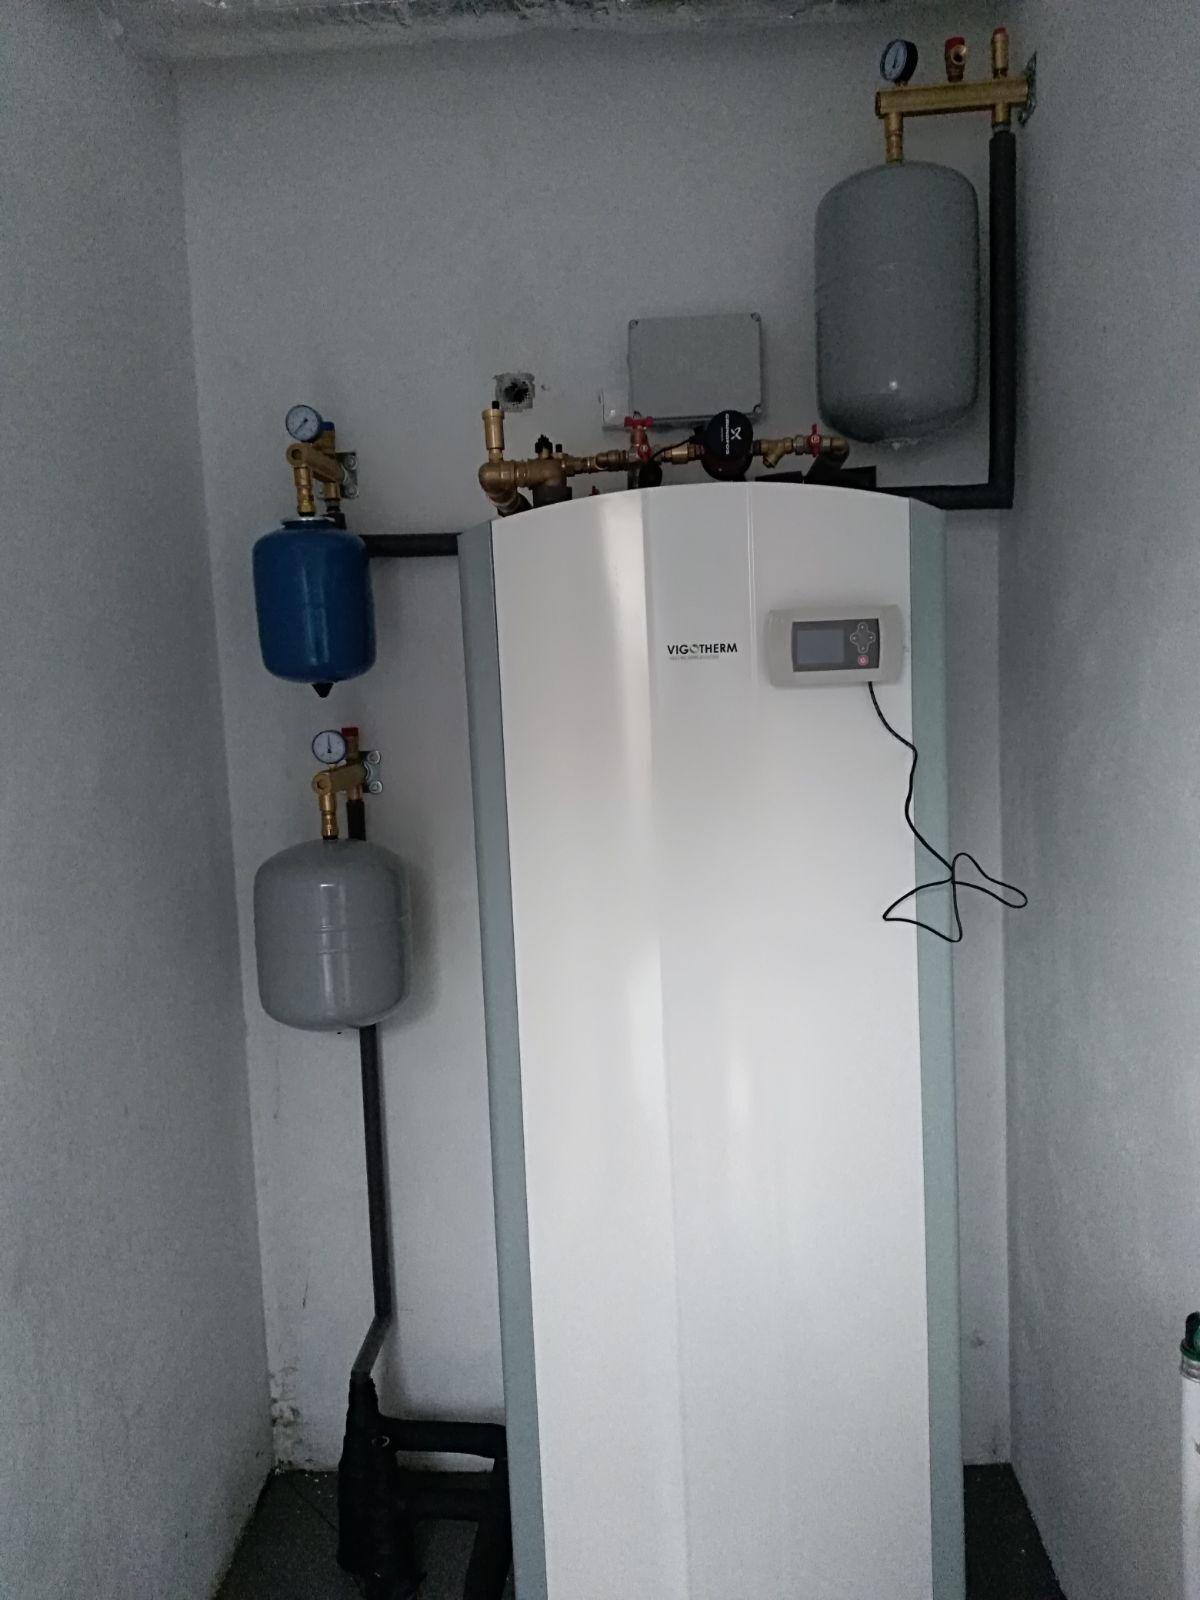 Instalacja pompy ciepła Vigotherm w Toruniu